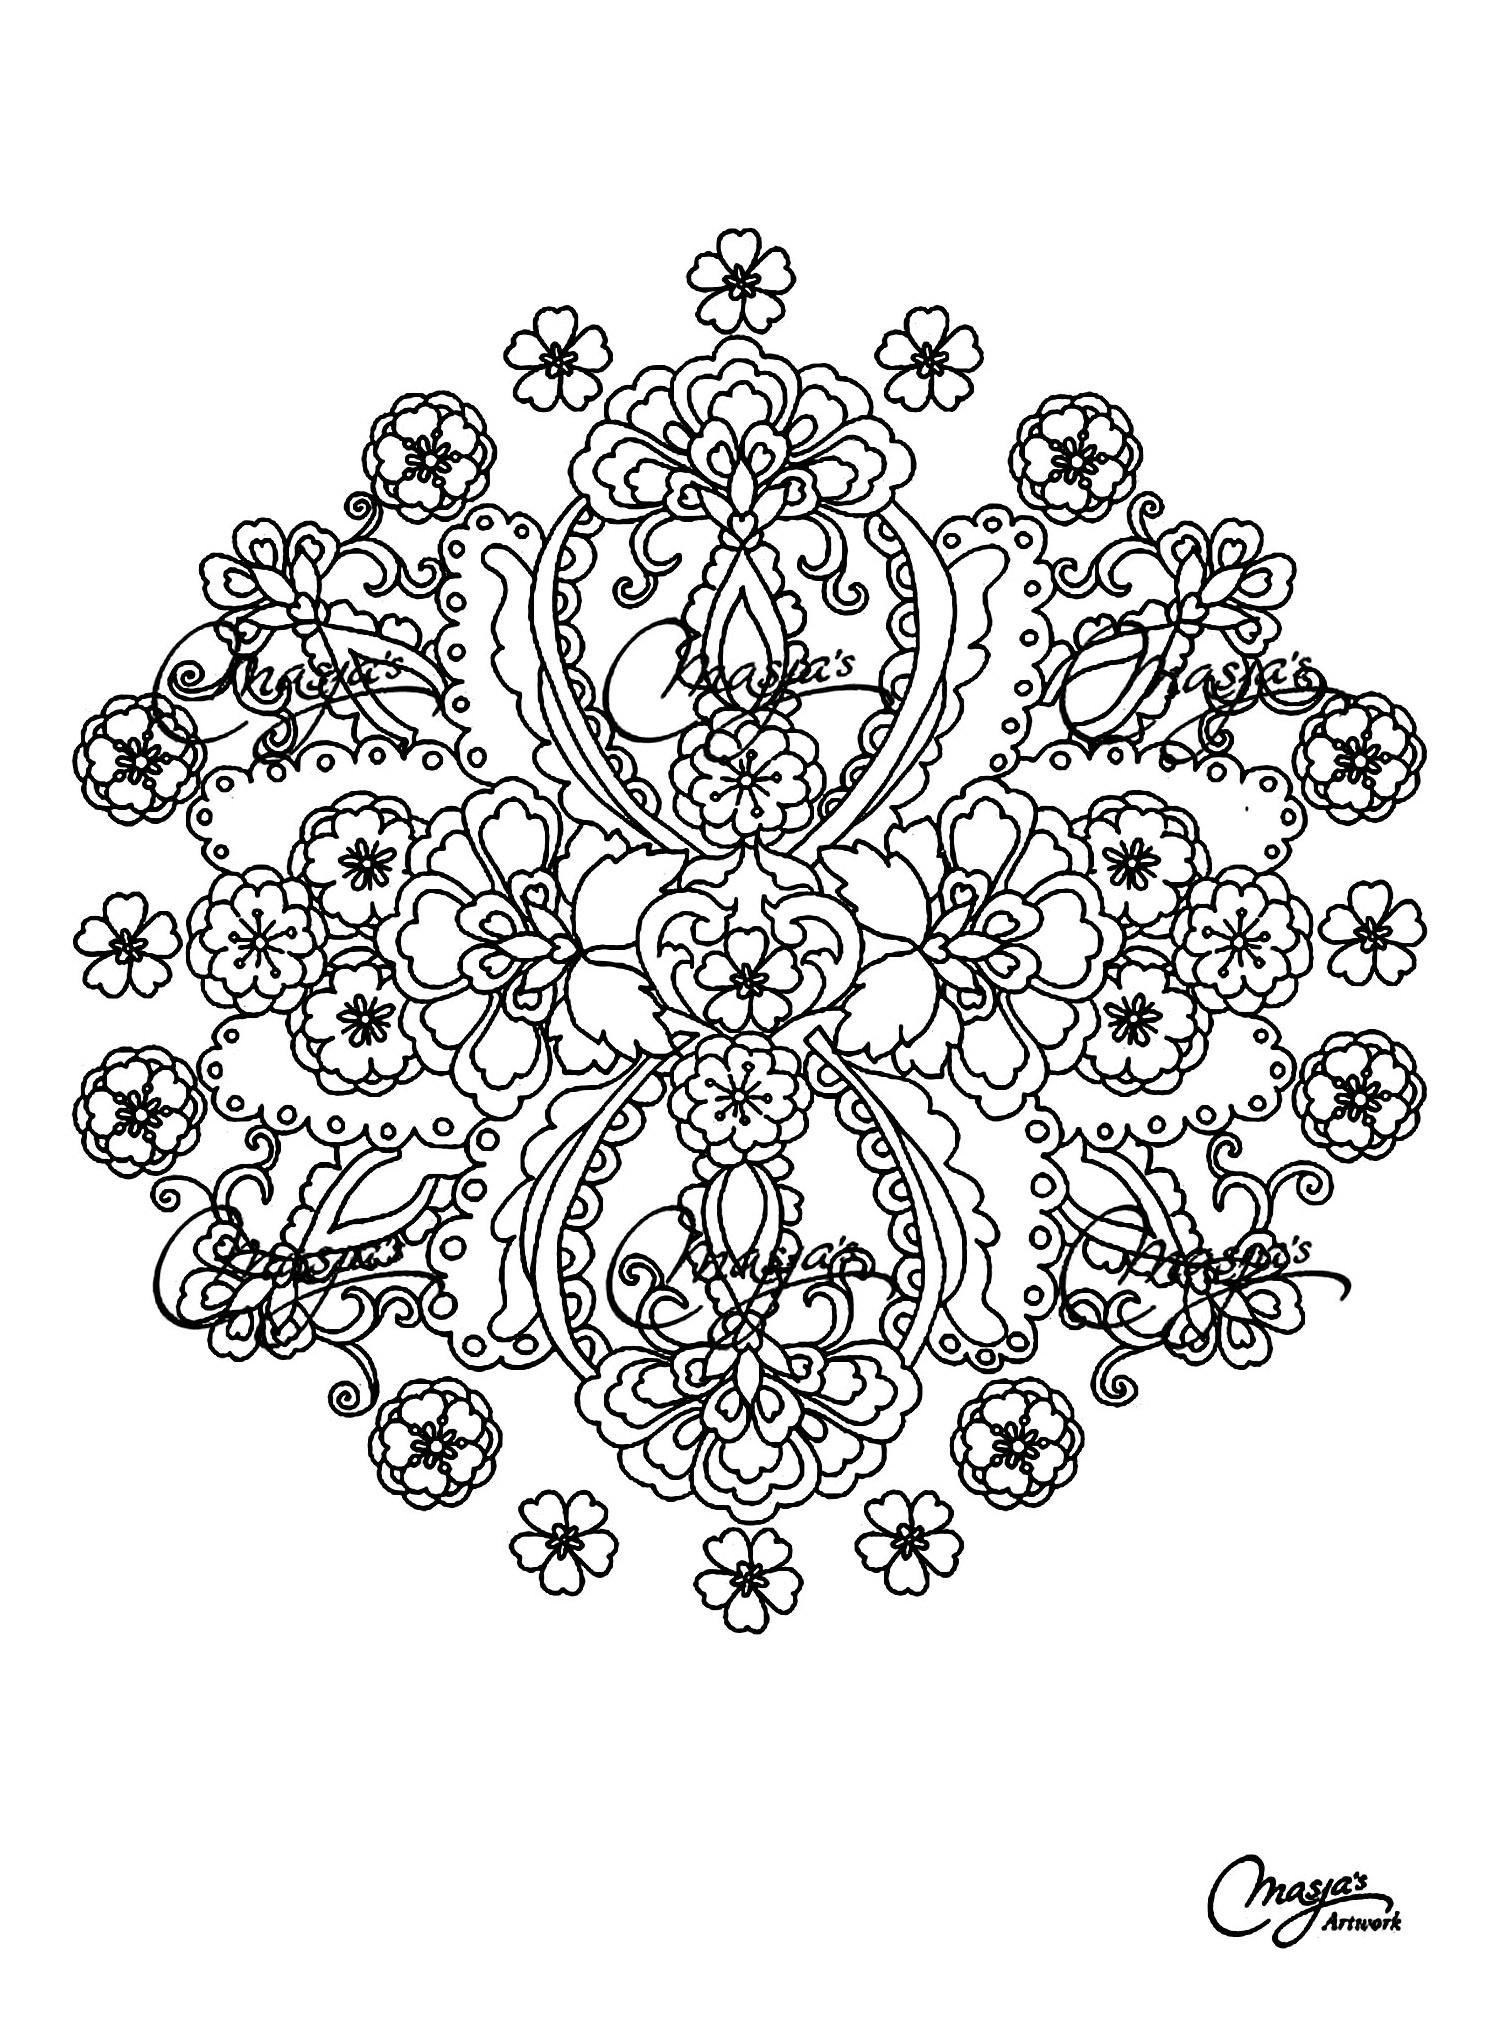 Disegni da colorare per adulti : Mandalas - 44